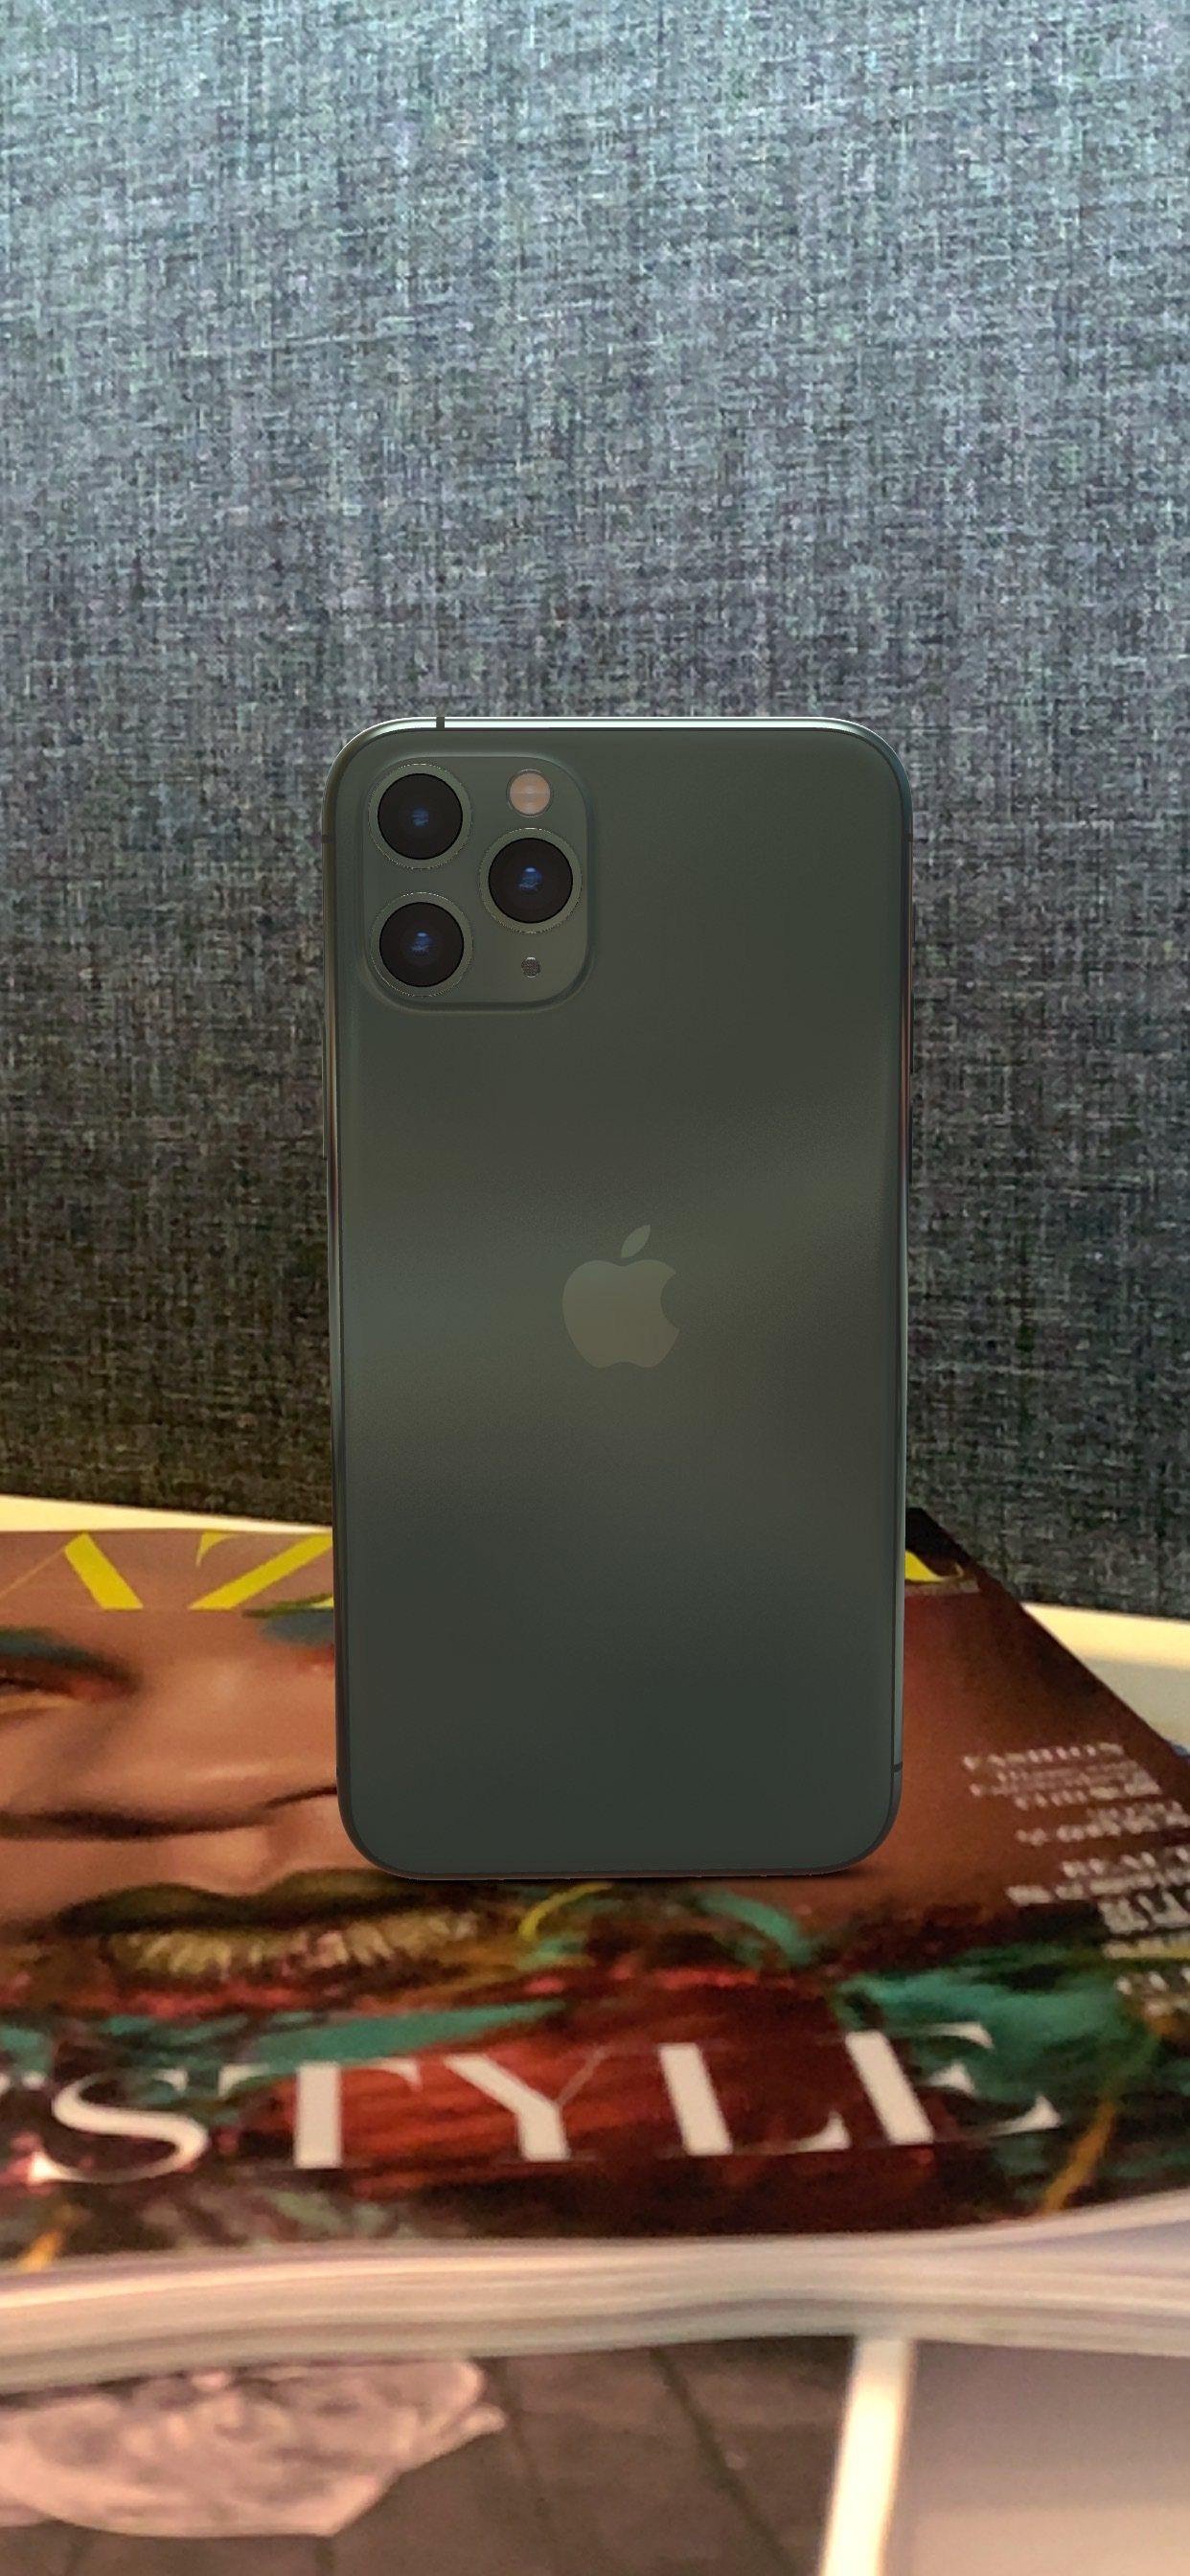 社群網路上掀起曬夜幕綠iPhone 11 Pro新機的潮流。記者黃筱晴/攝影